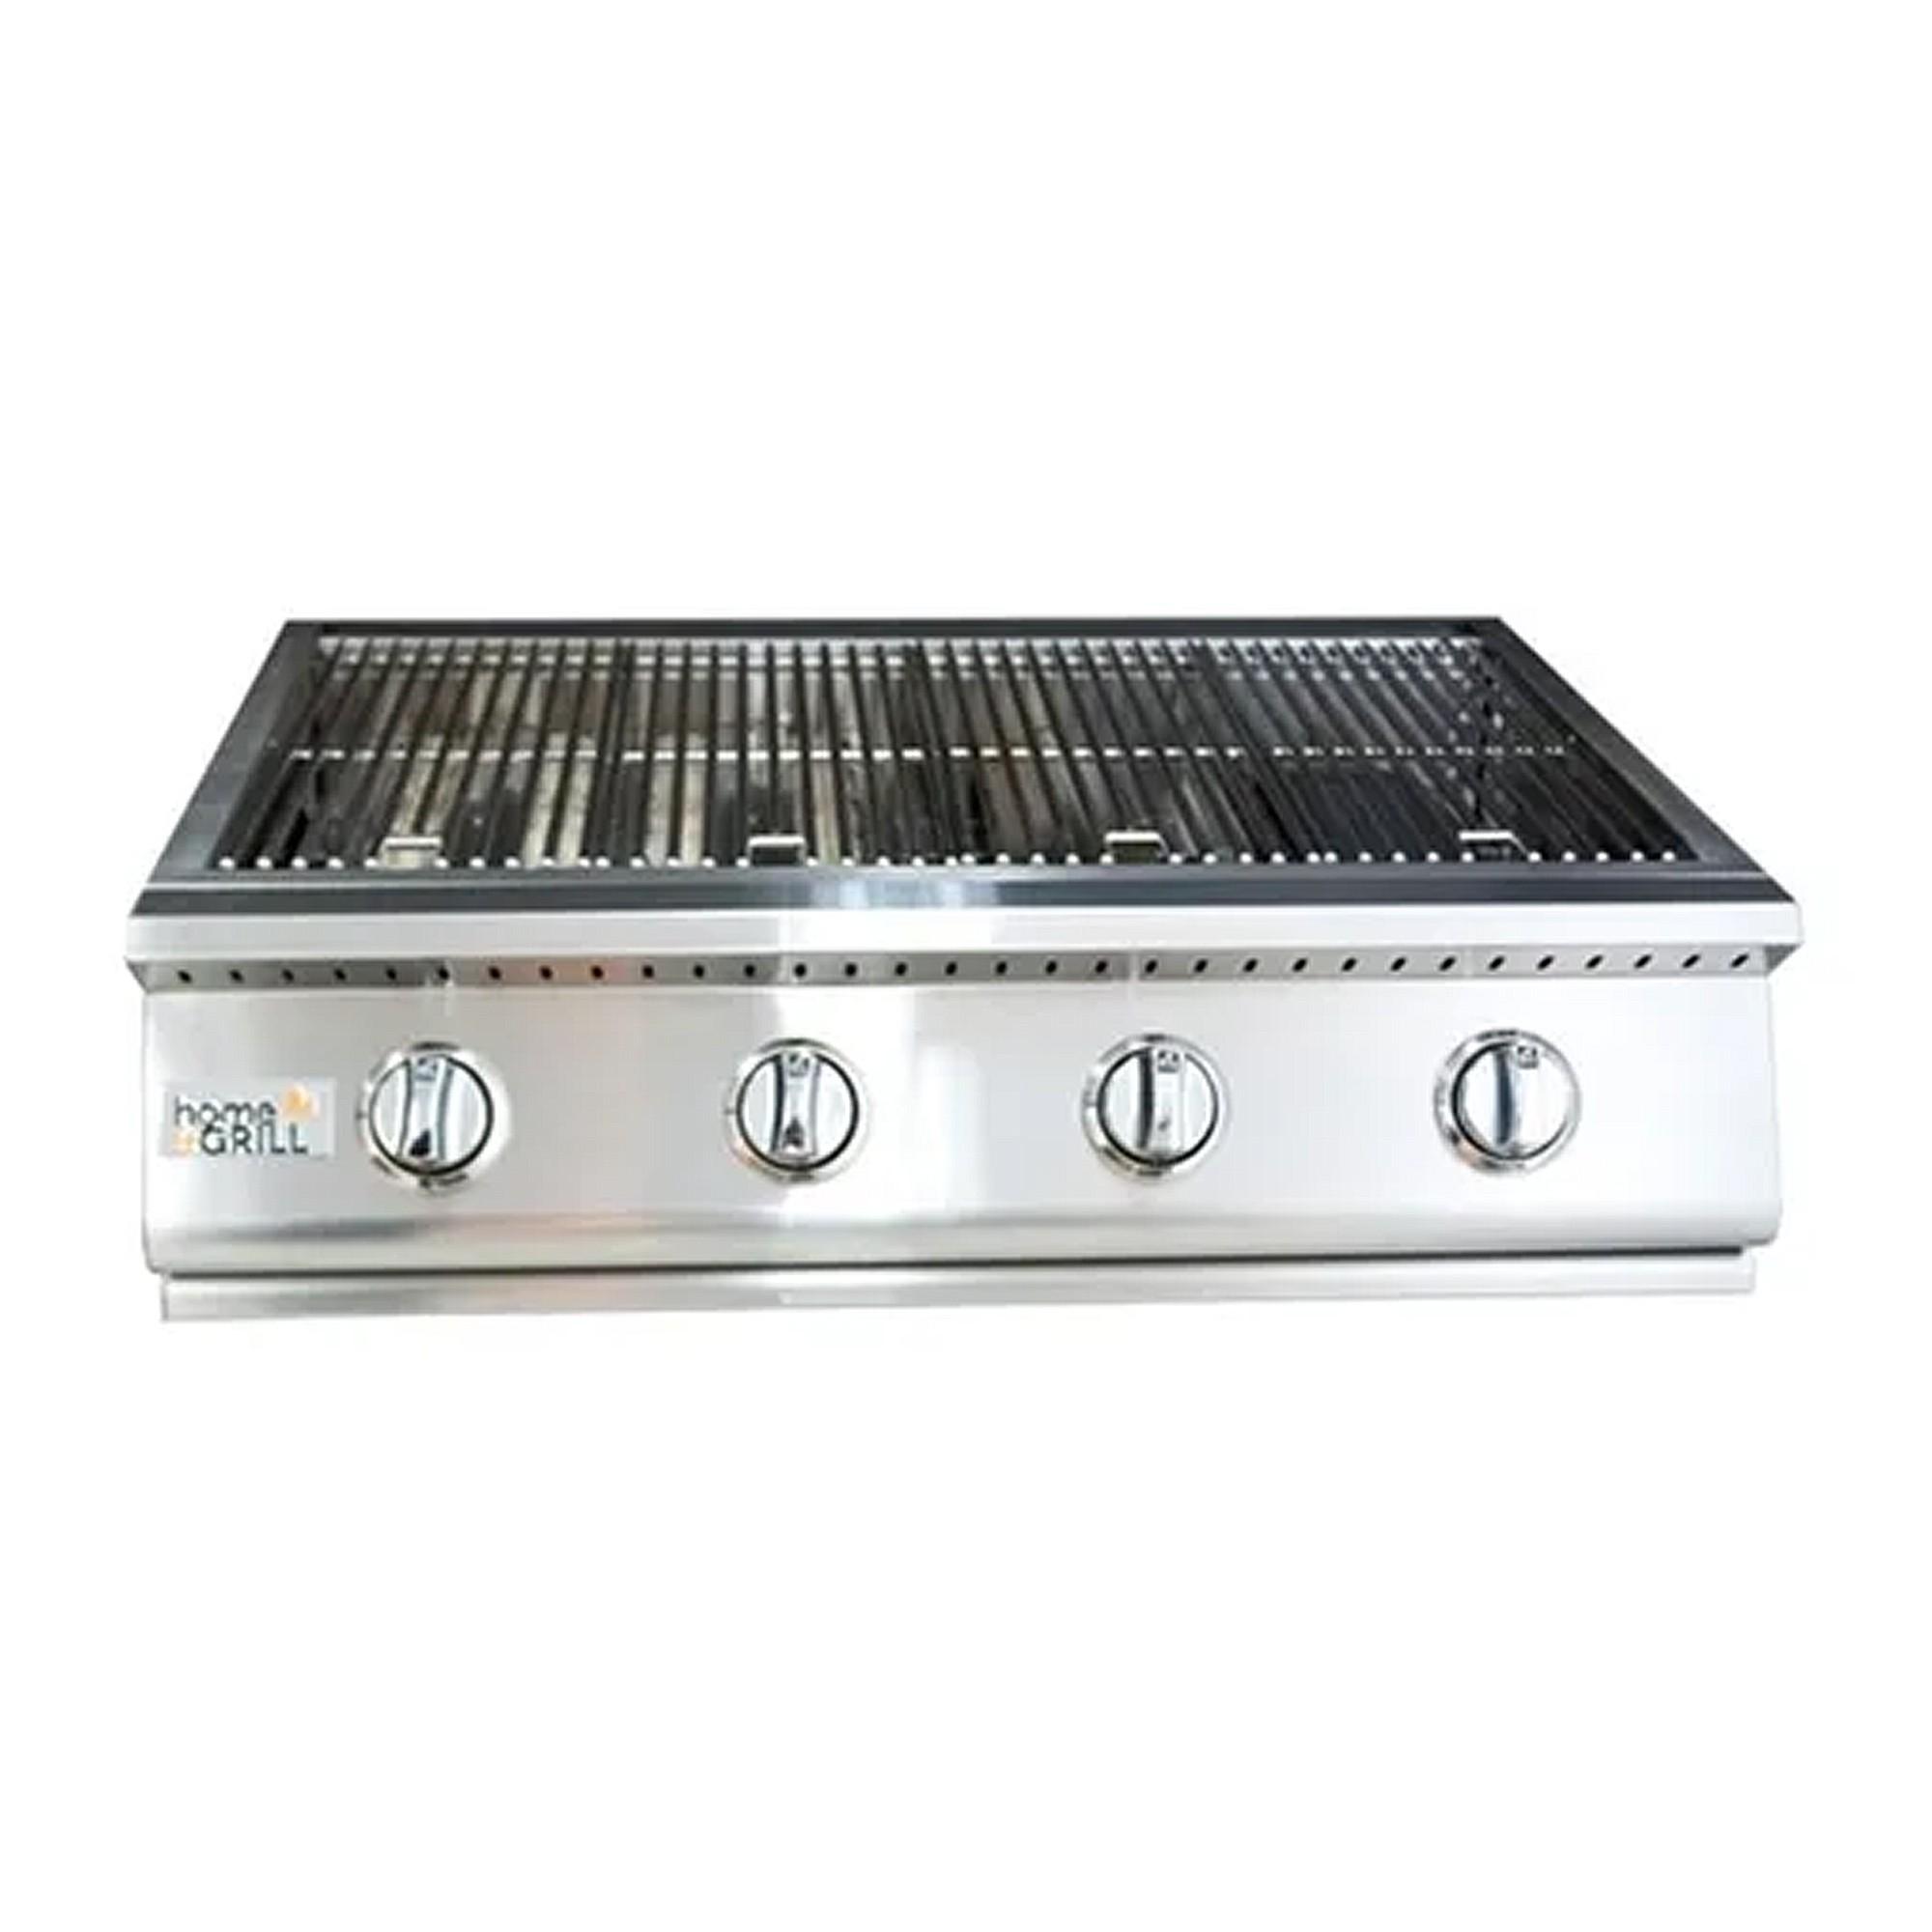 Grelhador Premium Home & Grill HG-4B Inox 304 (4 bocas)  - Sua Casa Gourmet e Cia